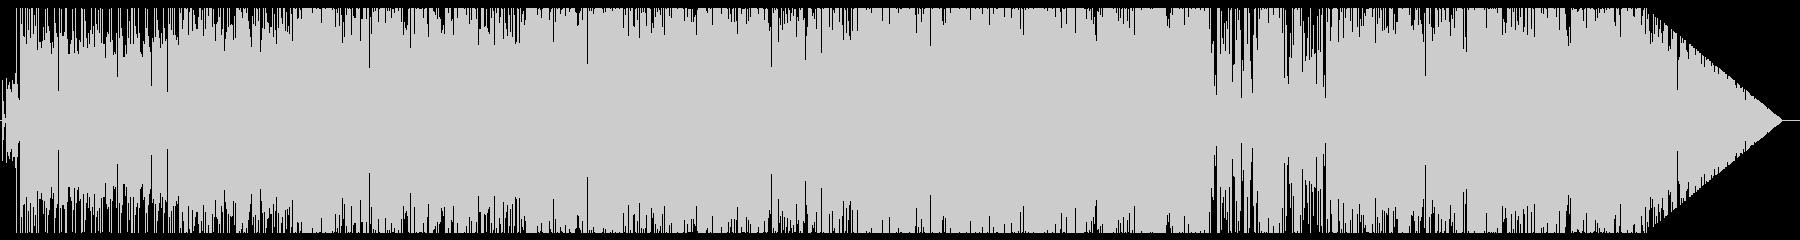 ファンクっぽいバトル曲の未再生の波形